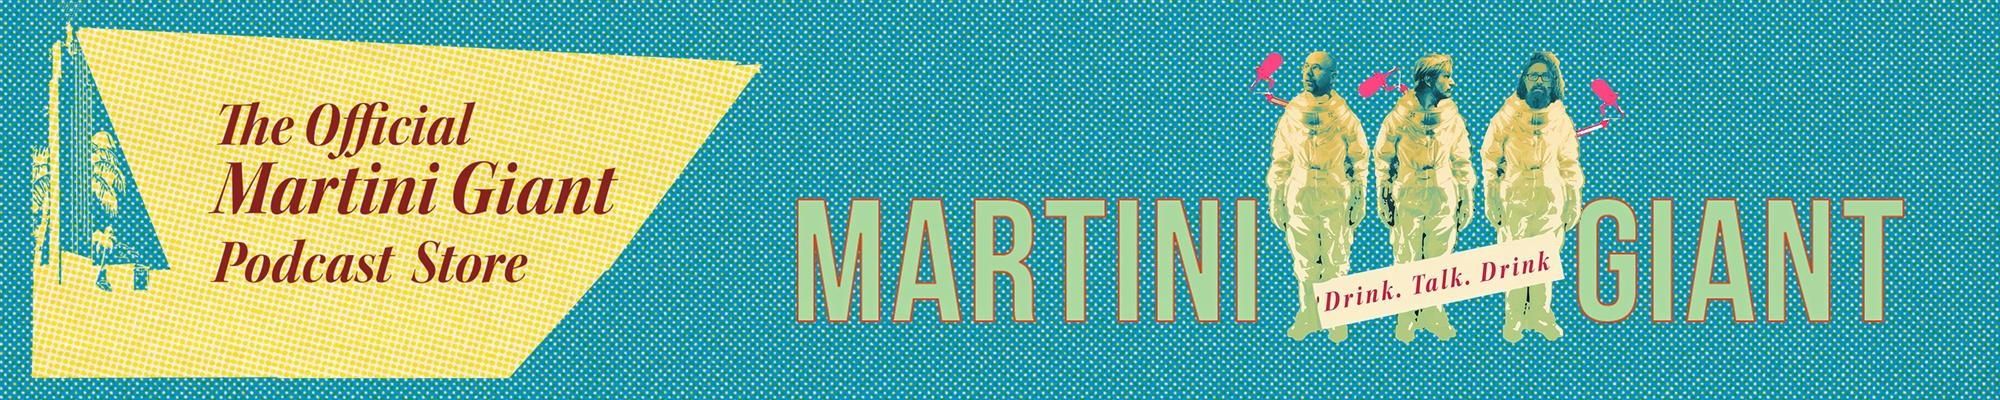 MartiniGiant Cover